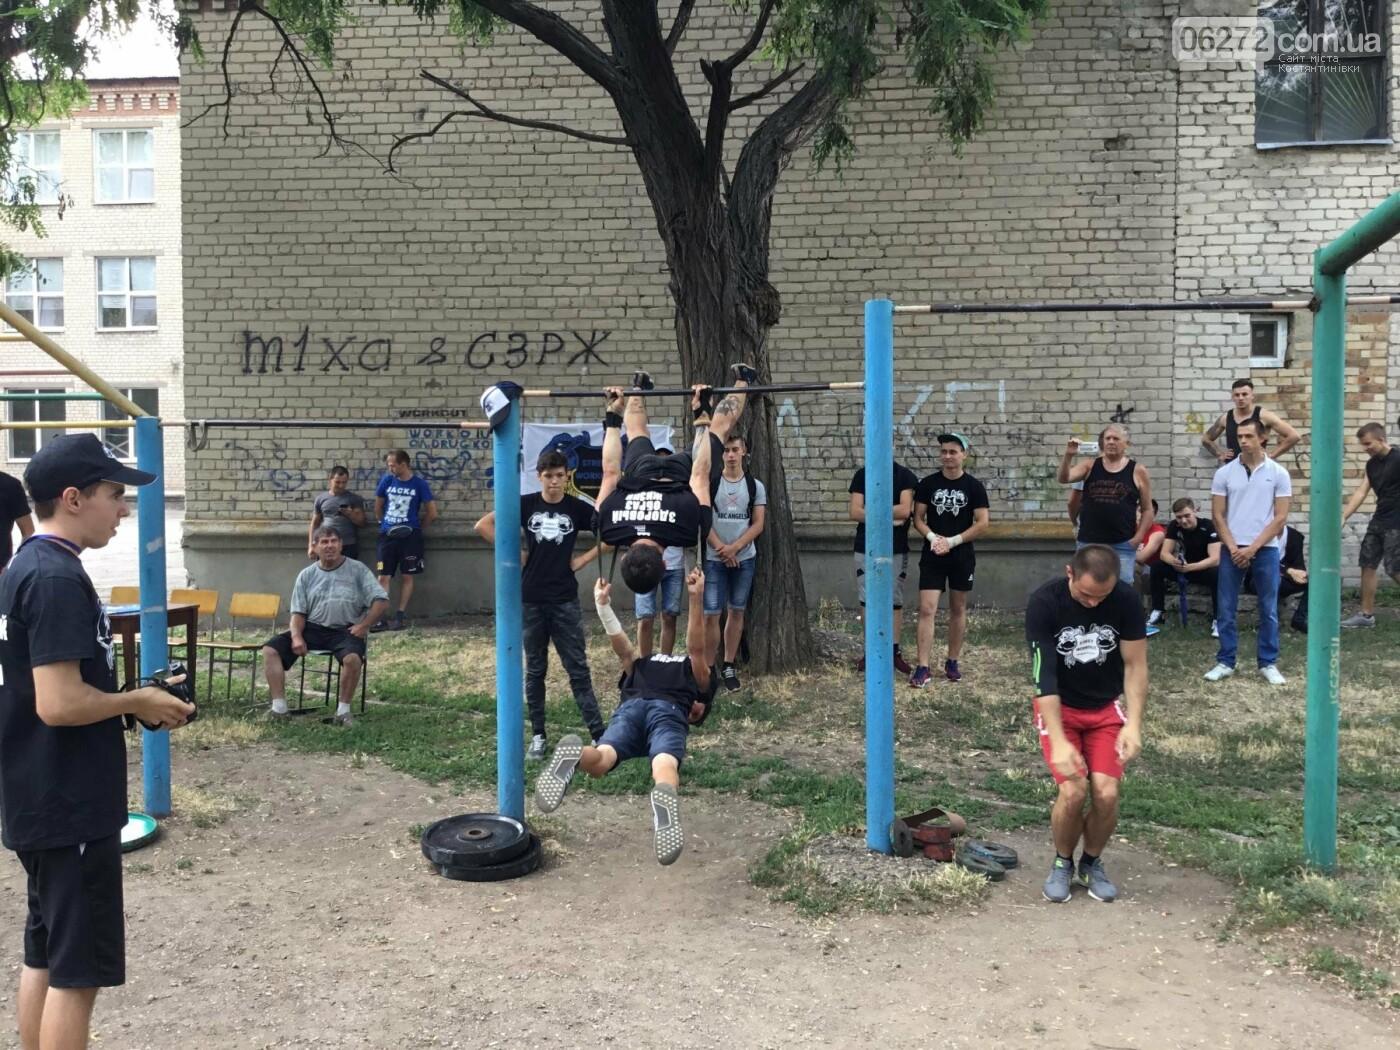 Фото с соревнований по Workout в Константиновке, фото-25